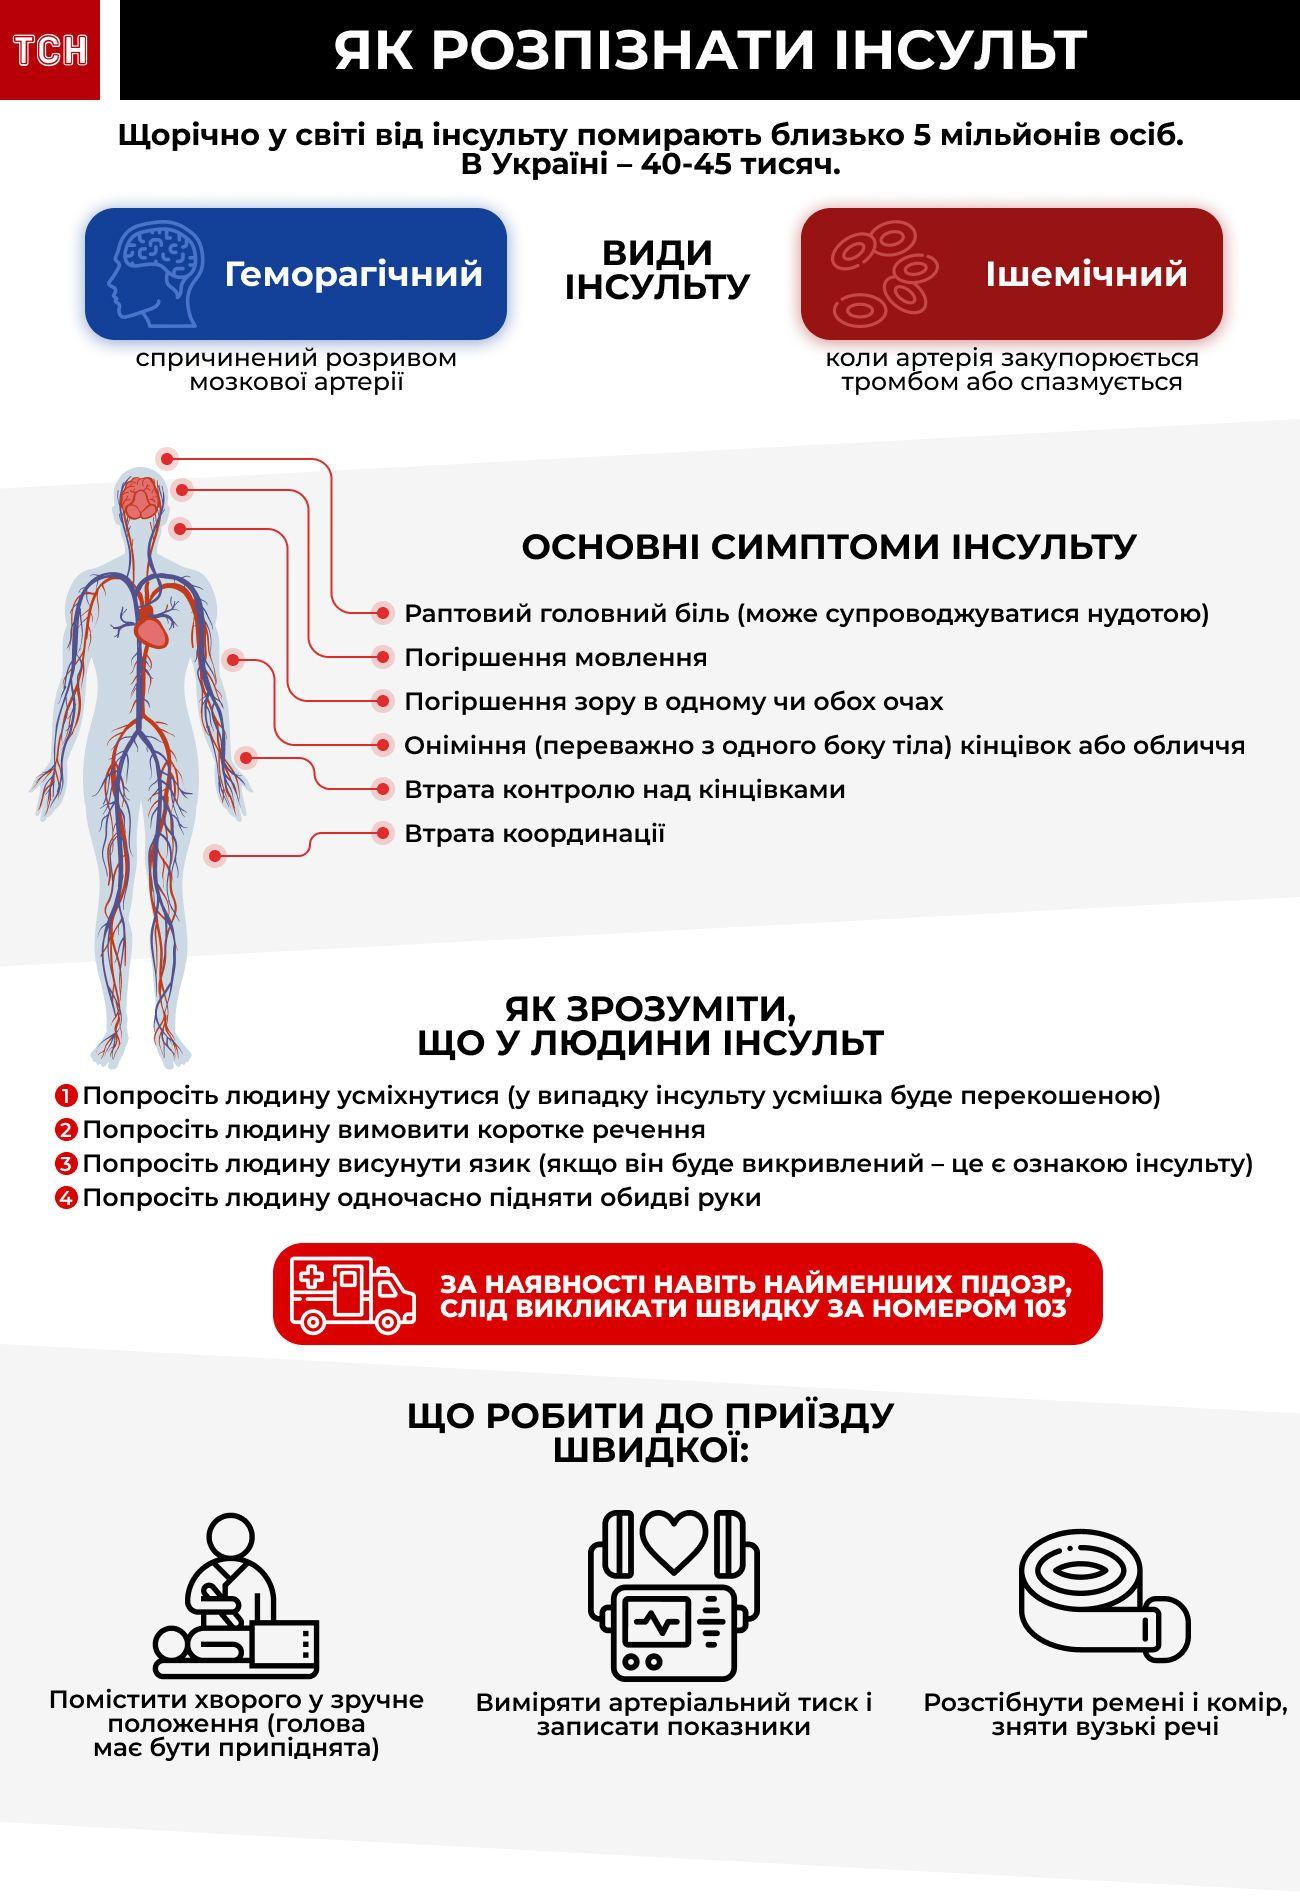 як розпізнати інсульт інфографіка 2